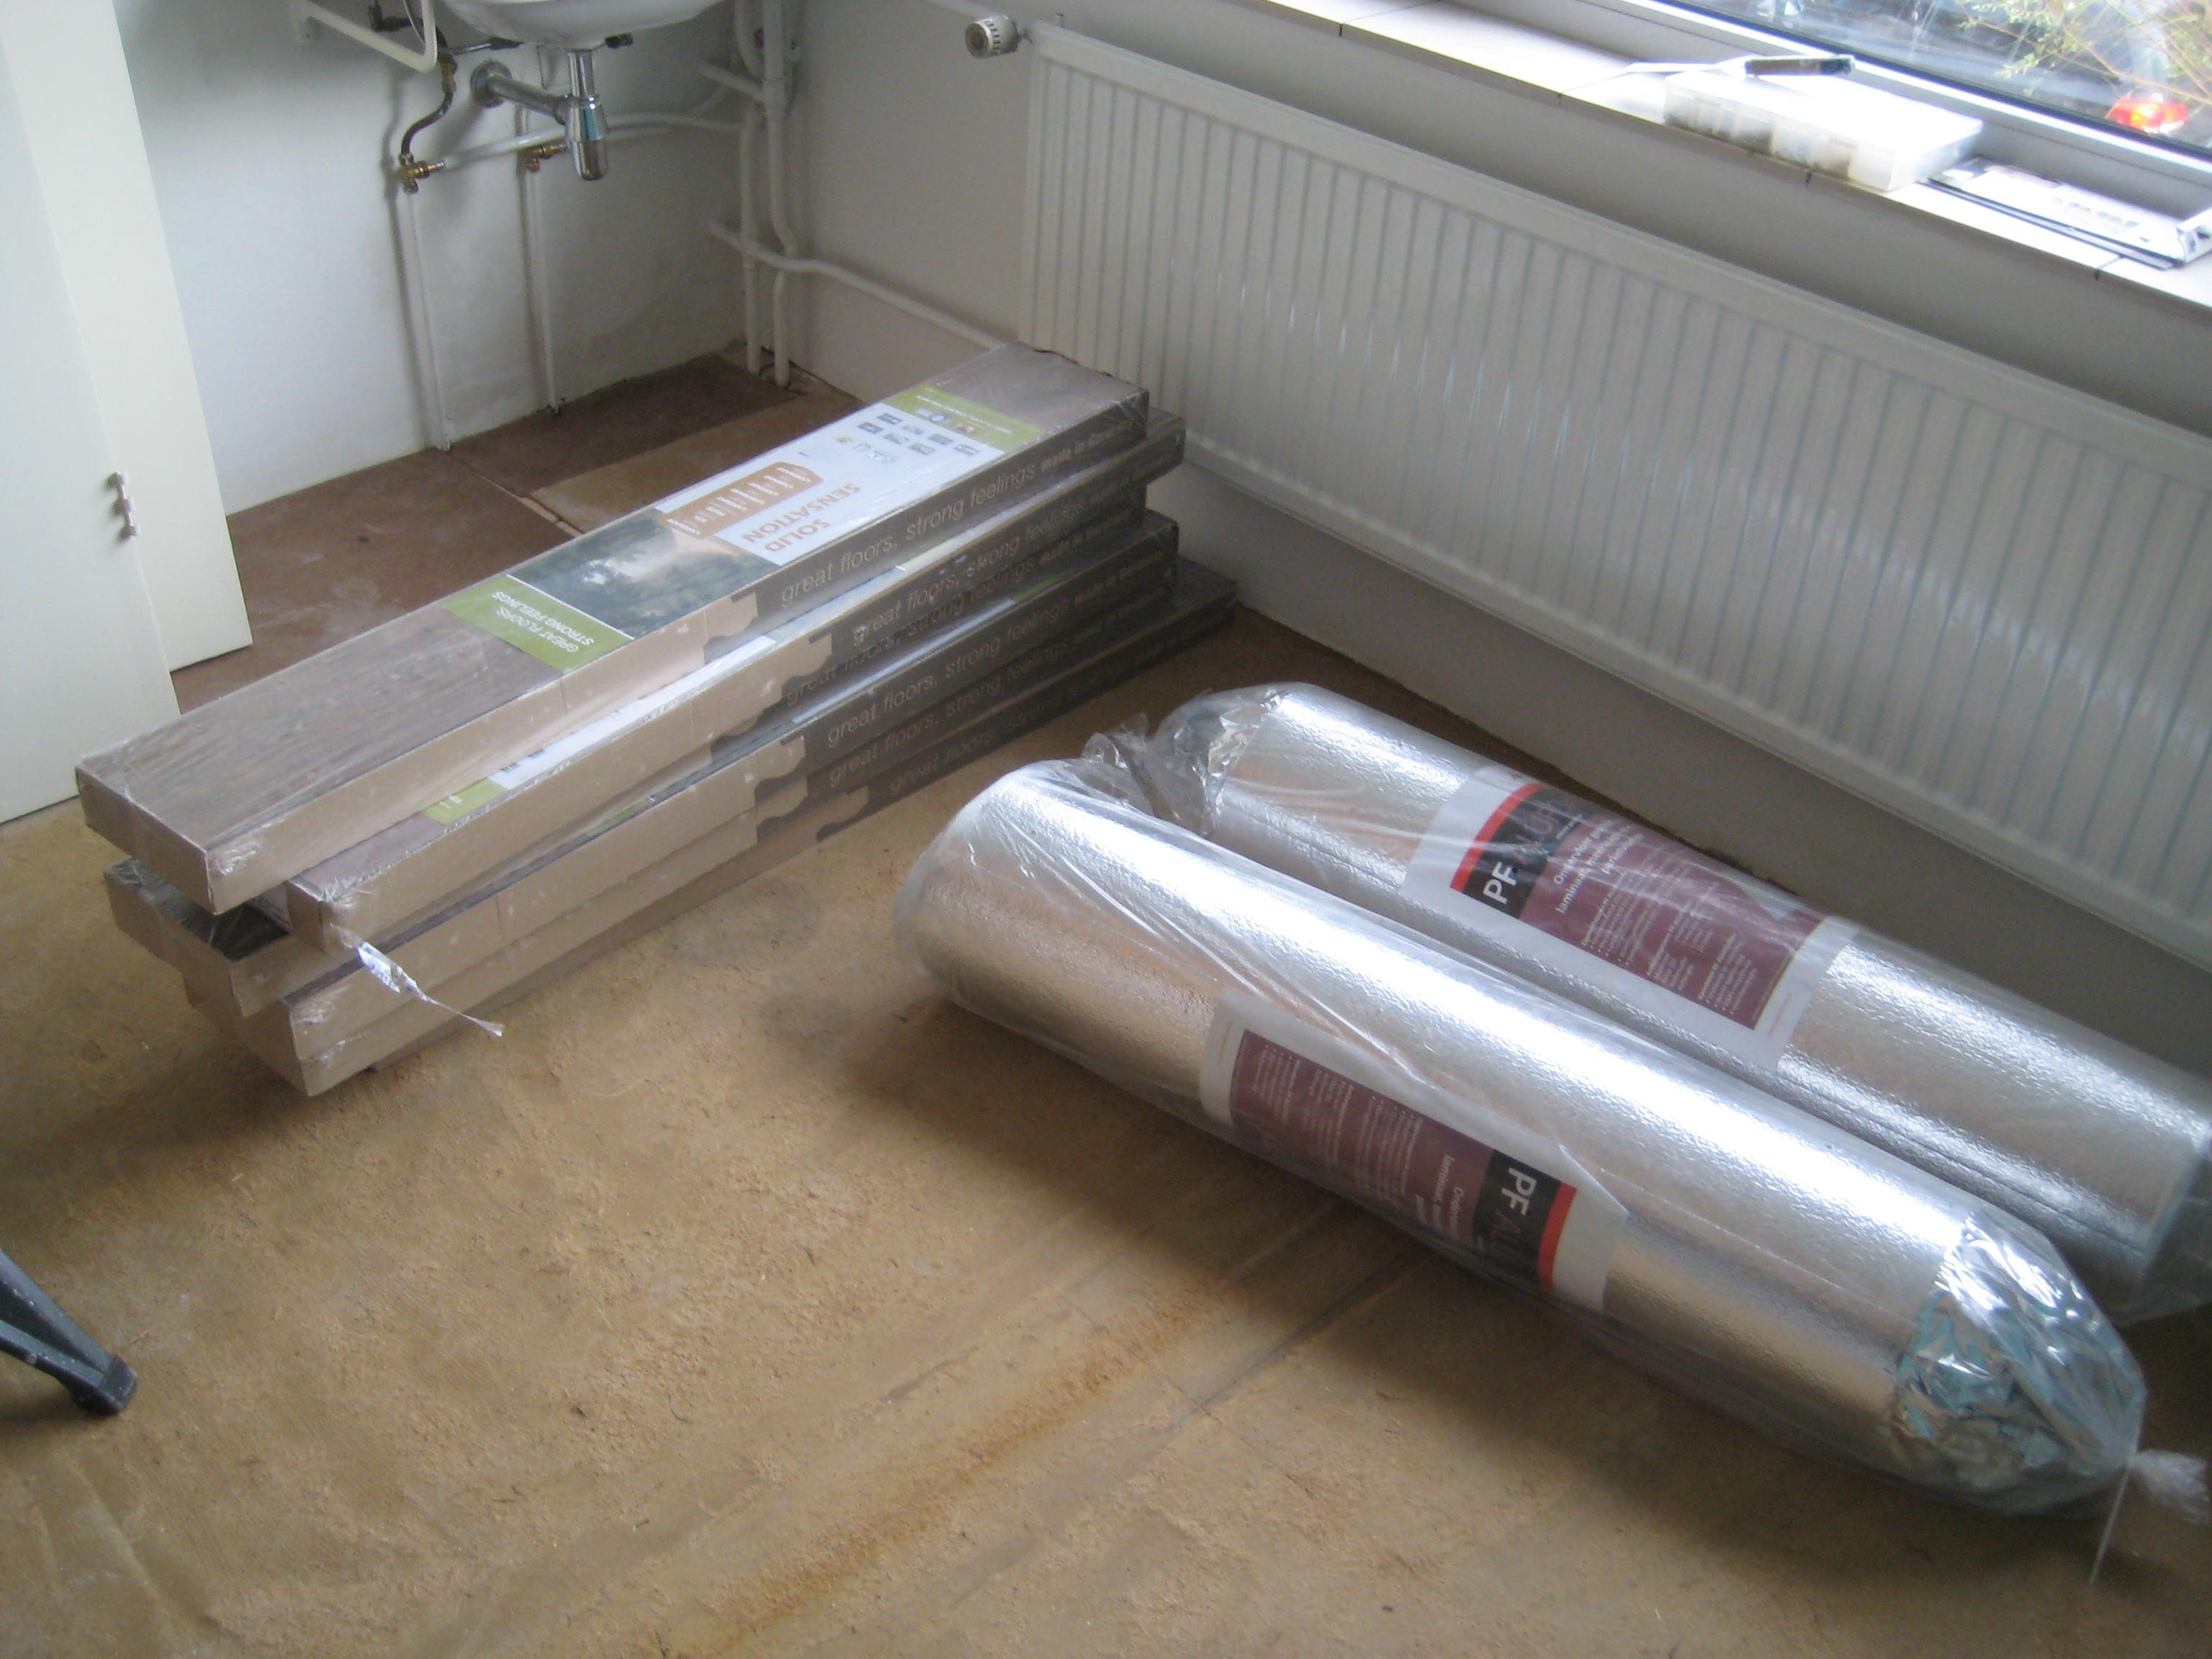 Laminaat Leggen Slaapkamer : Welke vloer is het meest ideaal voor op je slaapkamer nieuwe wonen